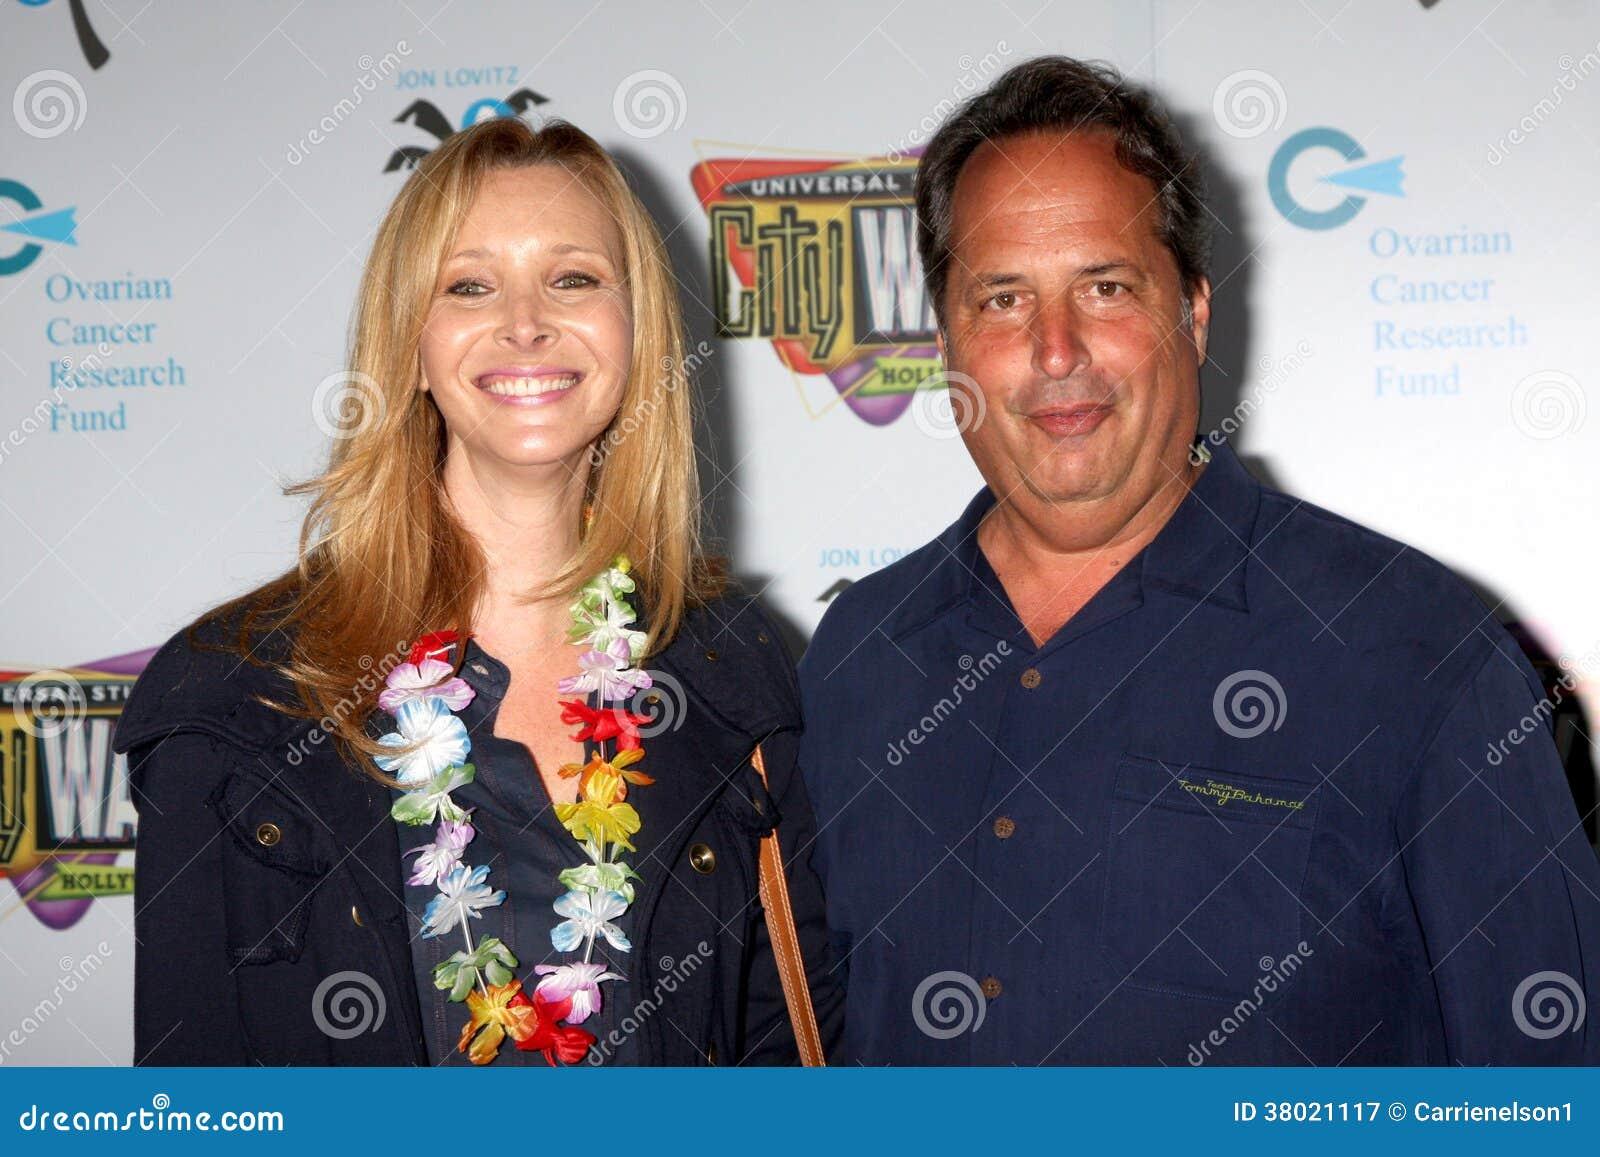 Jon Lovitz, Lisa Kudrow